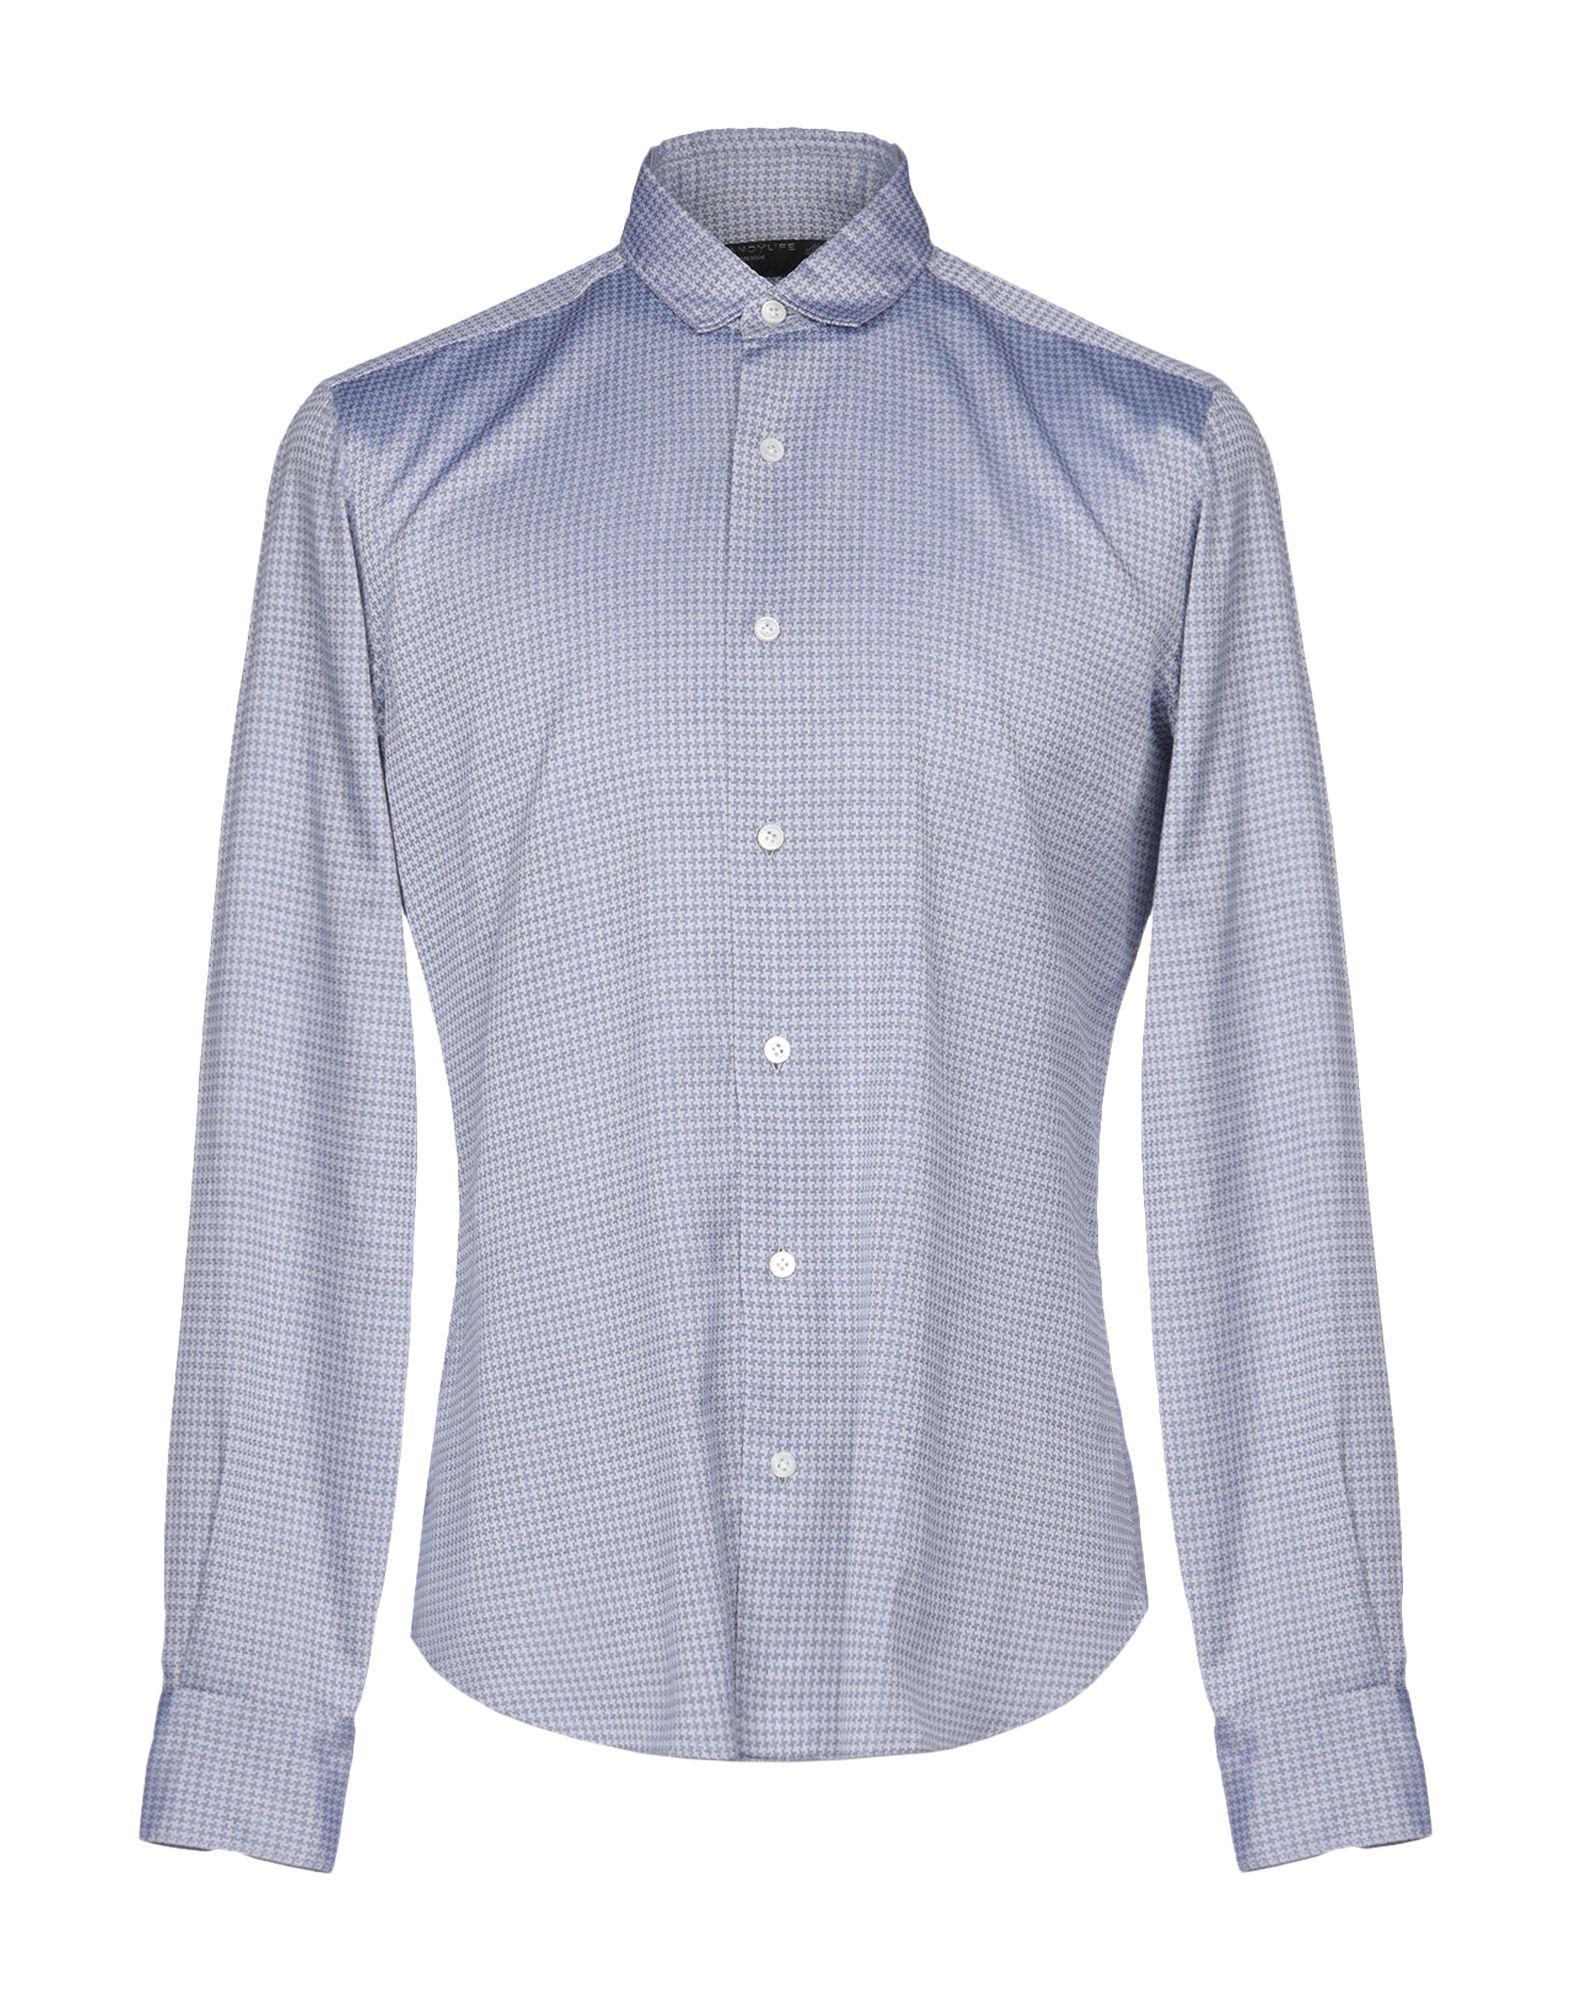 《送料無料》DANDYLIFE by BARBA メンズ シャツ ブルーグレー 39 コットン 100%